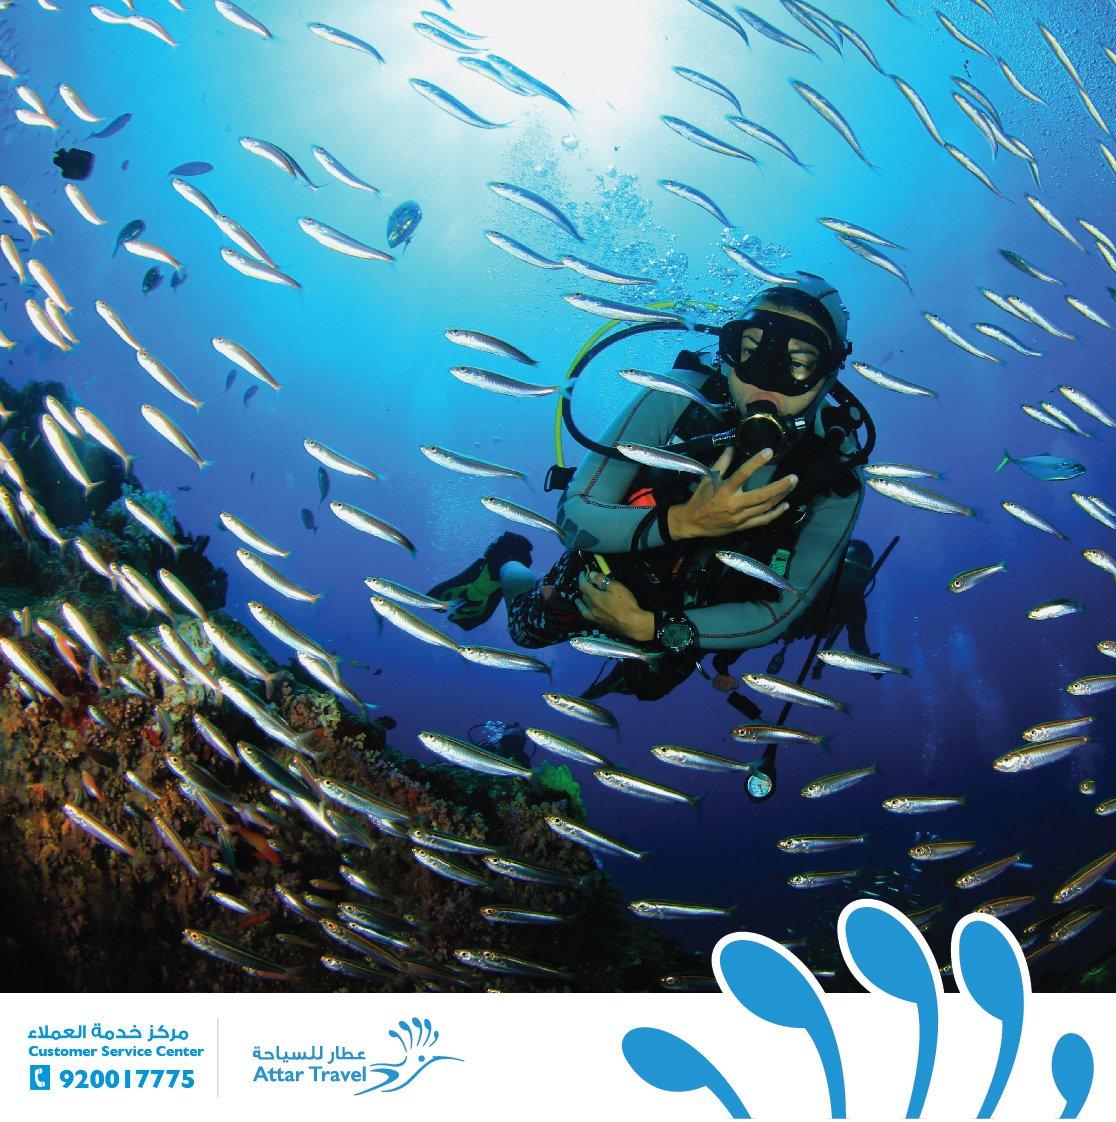 اعماق البحر عالم اخر في نفس الكوكب #عطار_للسياحة https://t.co/Indhhaq0cU